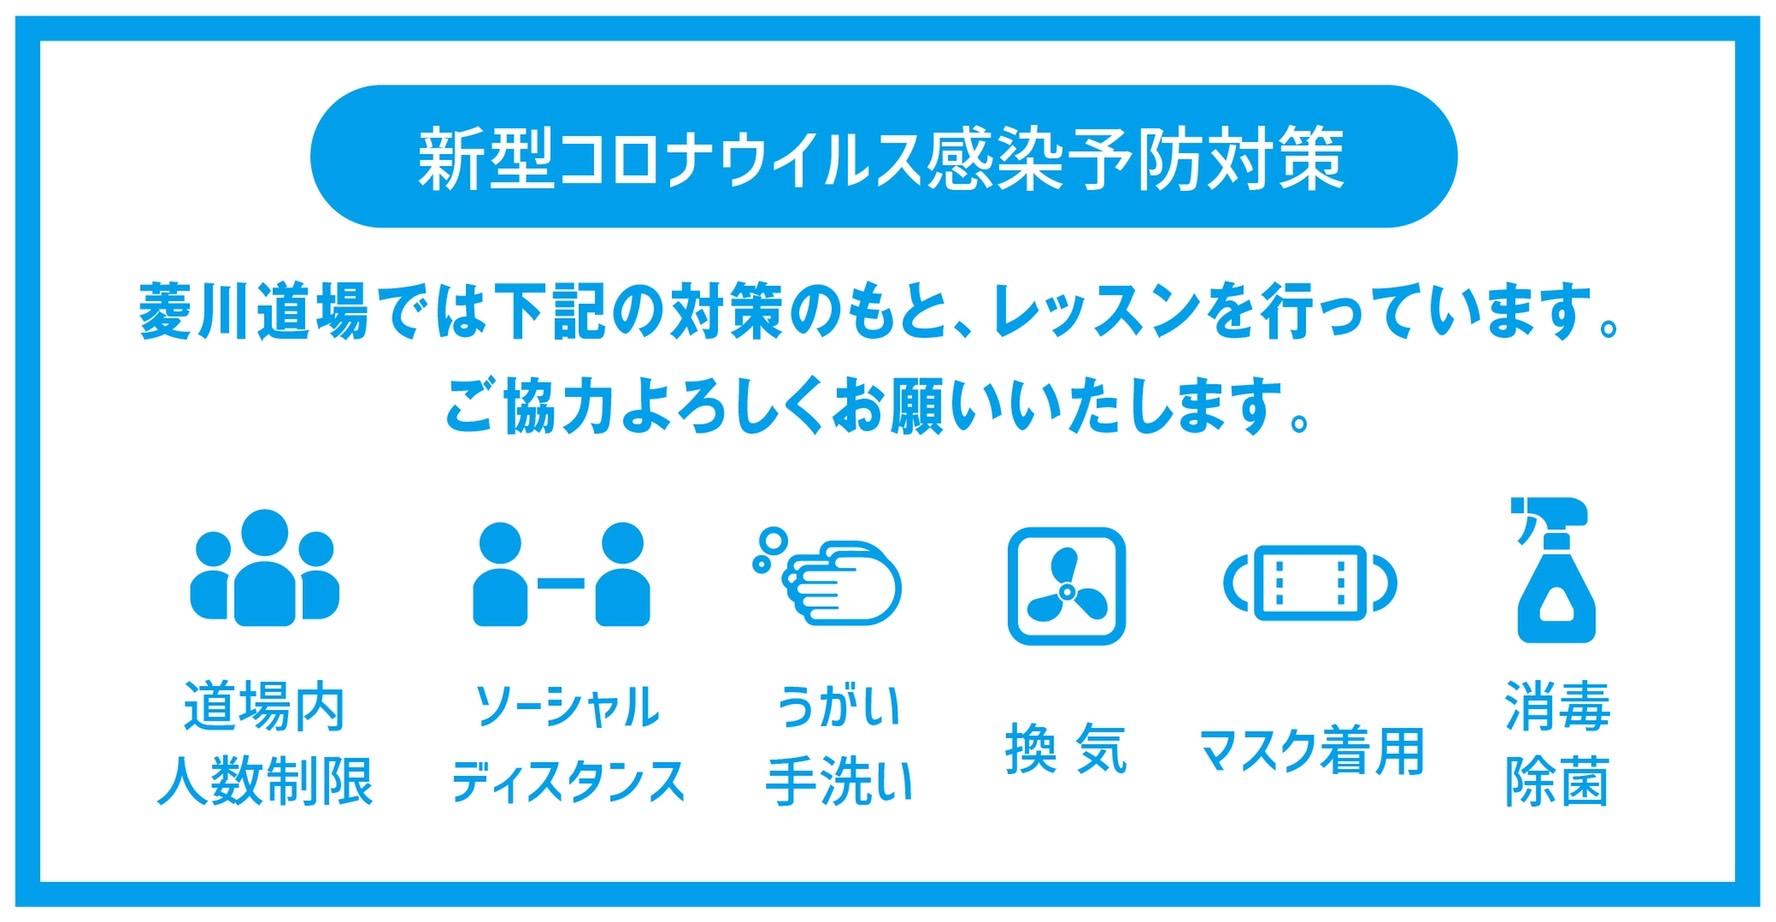 新型コロナウイルス感染予防対策 菱川道場では下記の対策のもと、レッスンを行っています。ご協力よろしくお願いいたします。